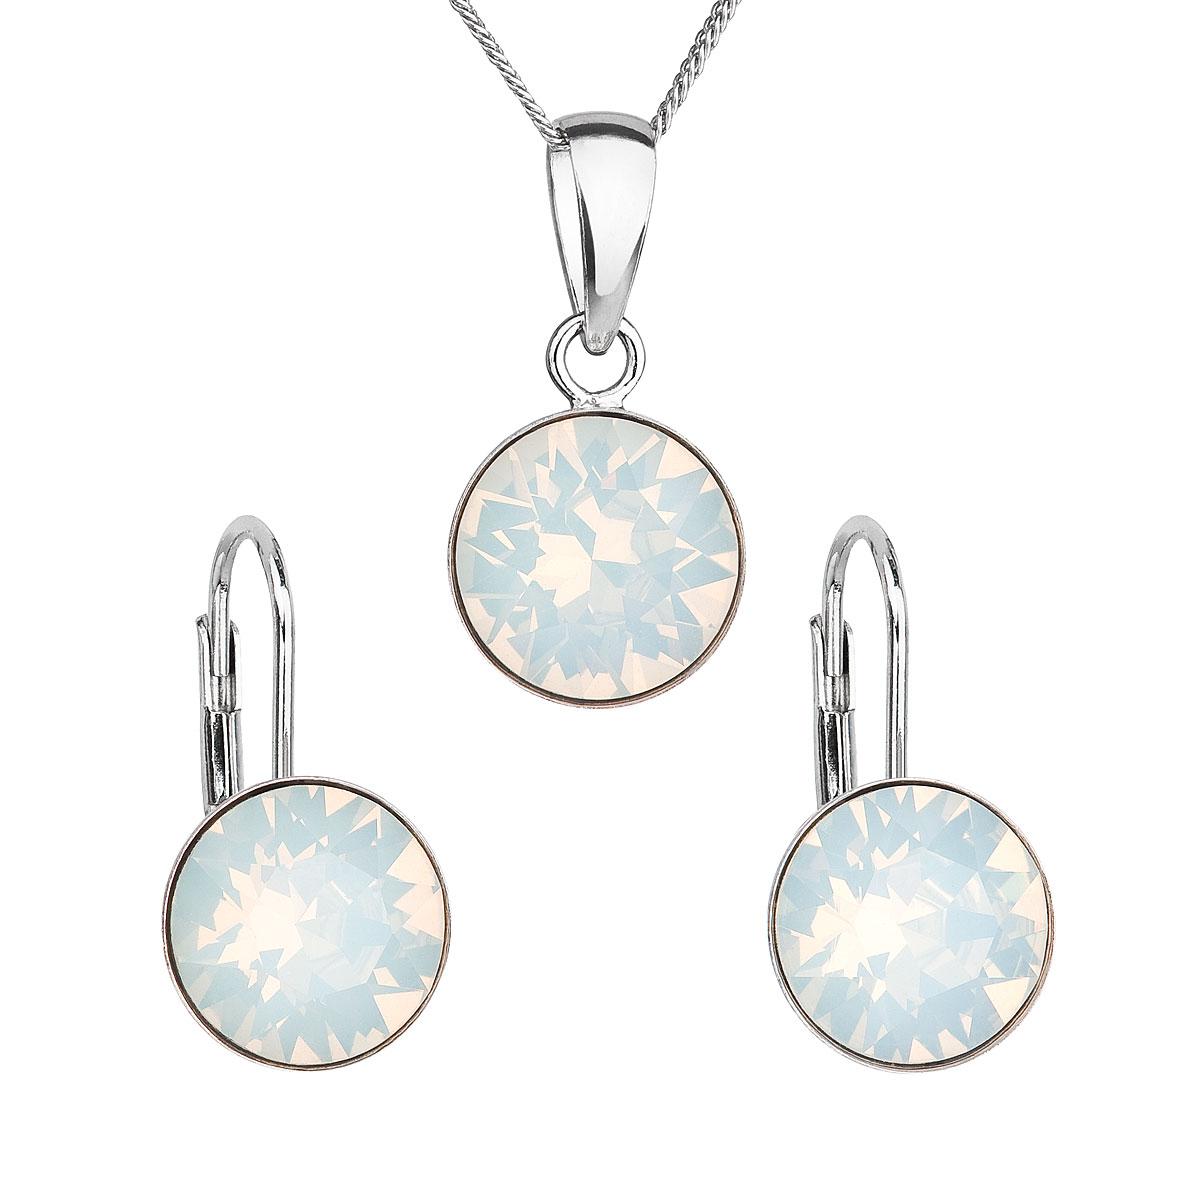 Sada šperků s krystaly Swarovski náušnice a přívěšek bílé kulaté 39140.7 white opál